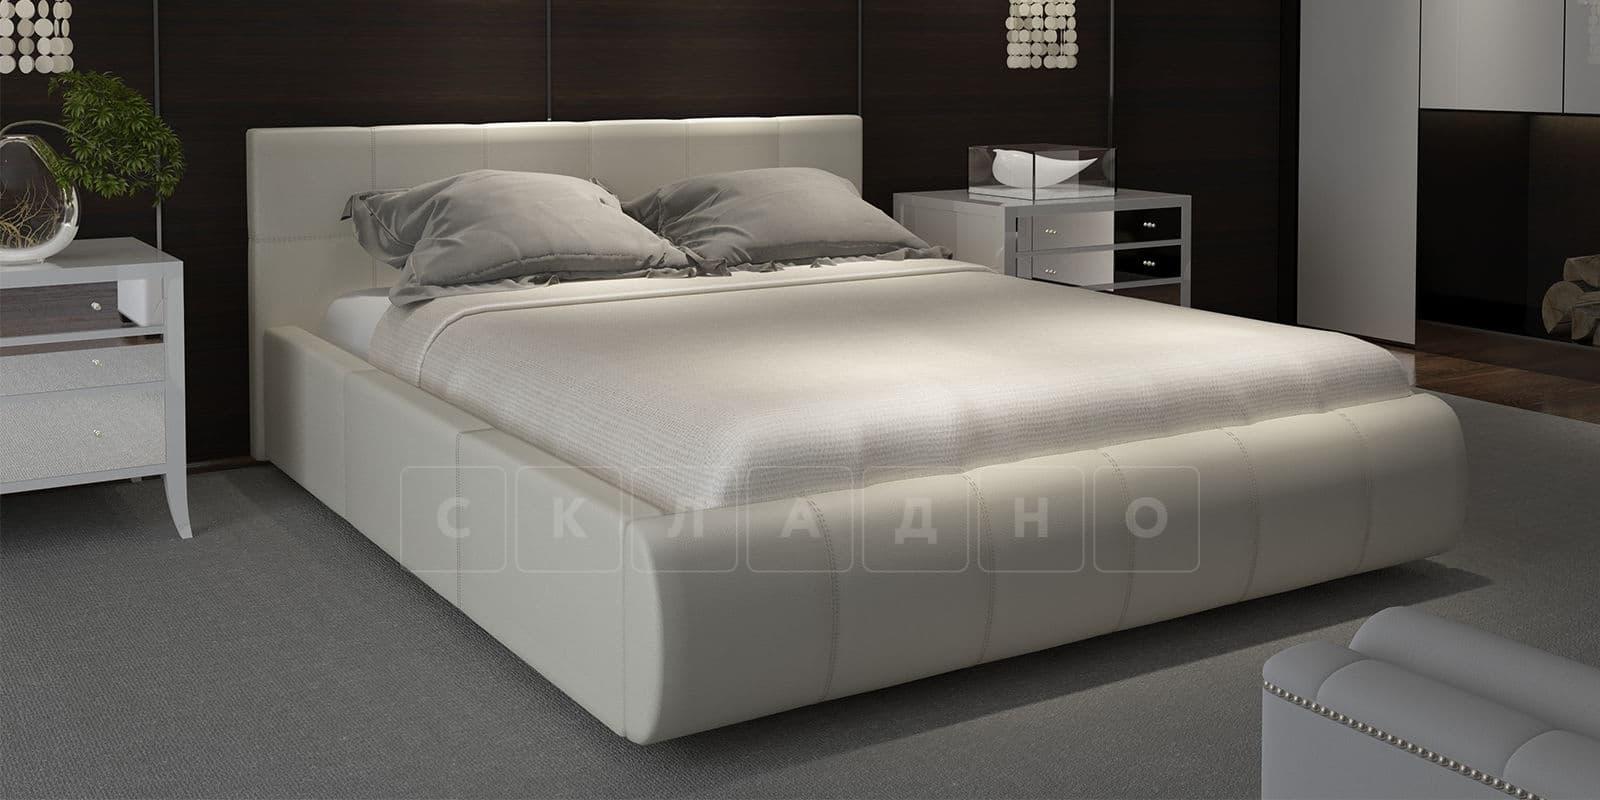 Мягкая кровать Афина 140см экокожа молочного цвета фото 1 | интернет-магазин Складно